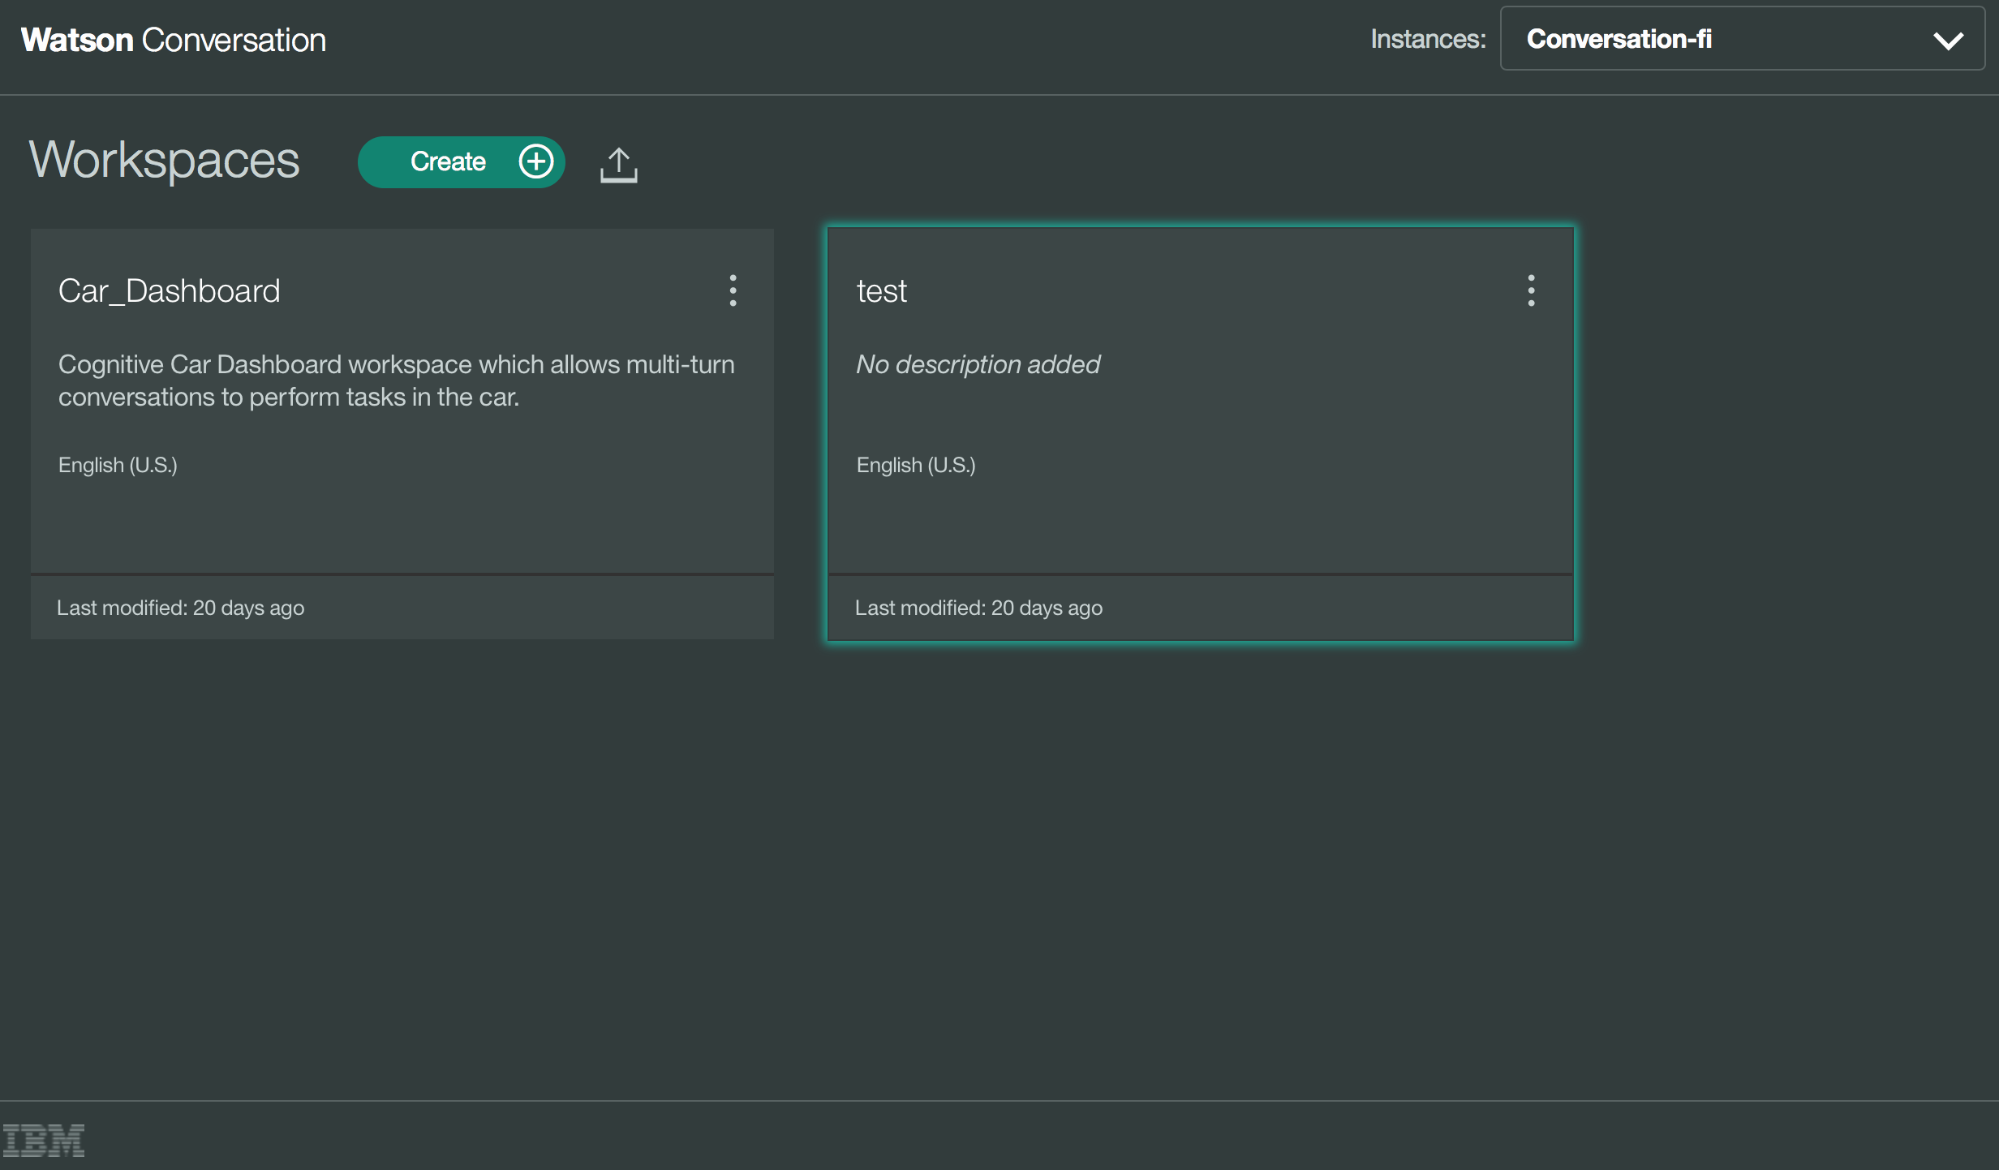 ibm-watson-conversation-dashboard